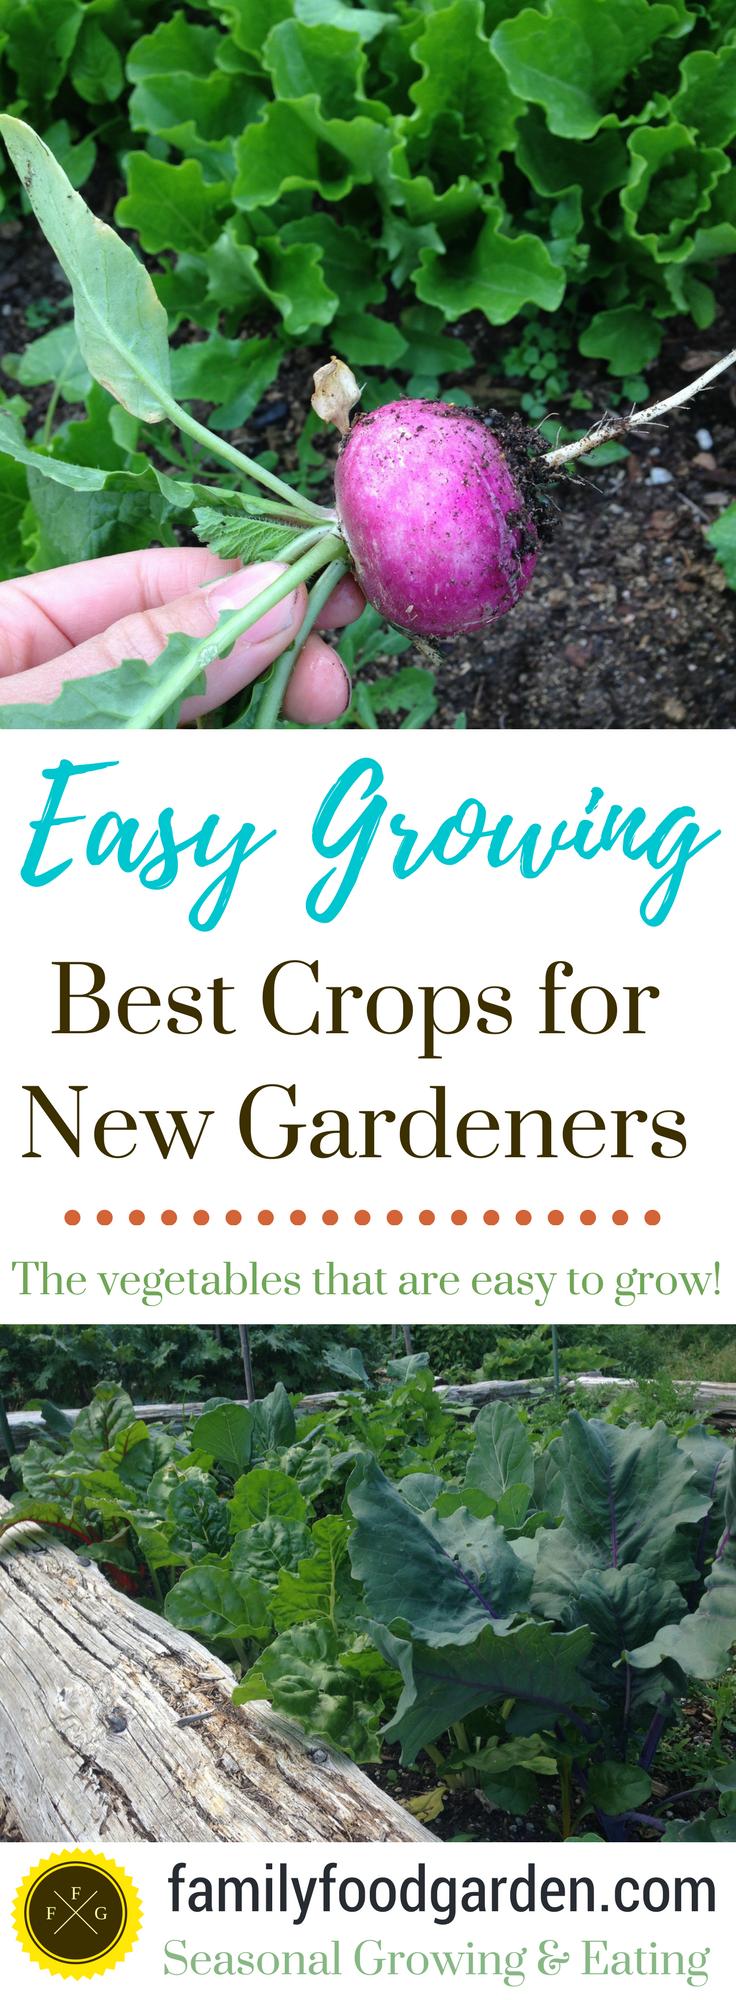 Veggie garden inspiration  The Easiest u Hardest Crops to Grow in your Garden  Gardens Easy